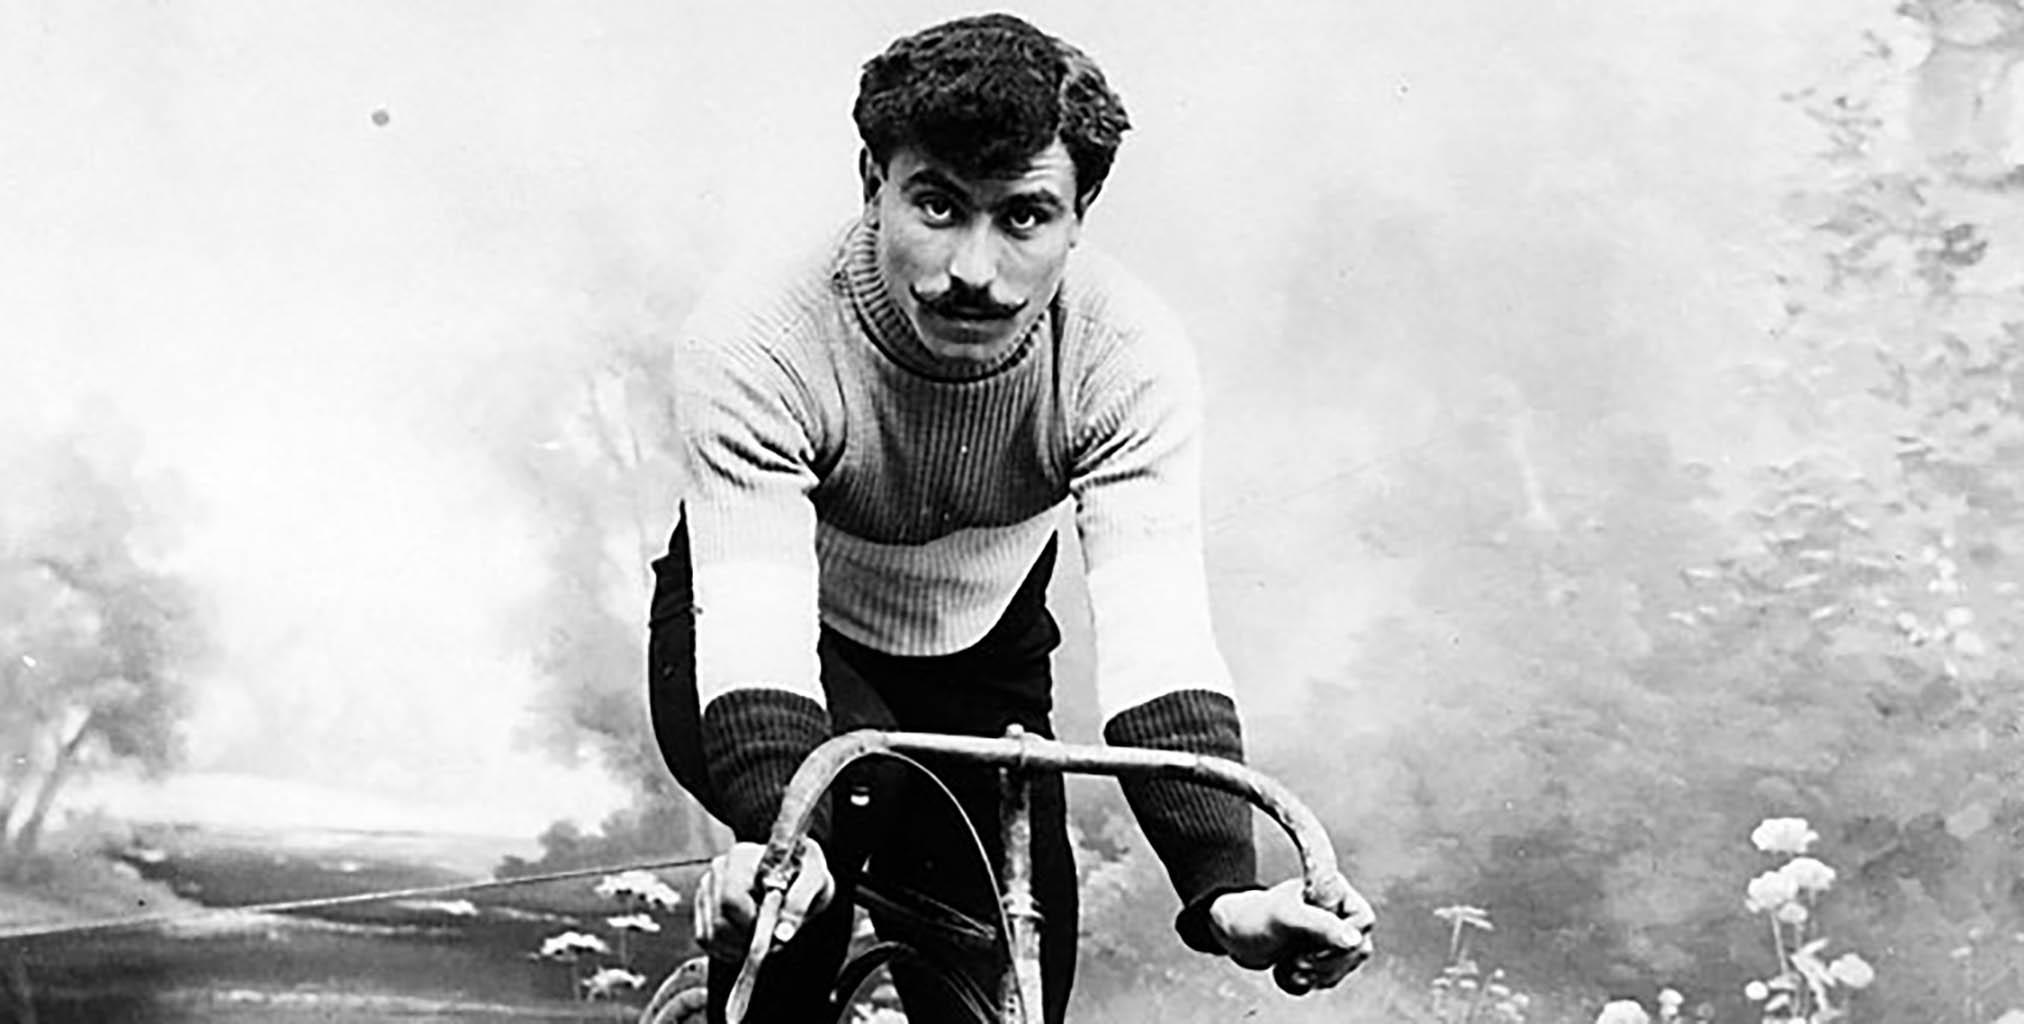 Tour de France Vintage Cyclist